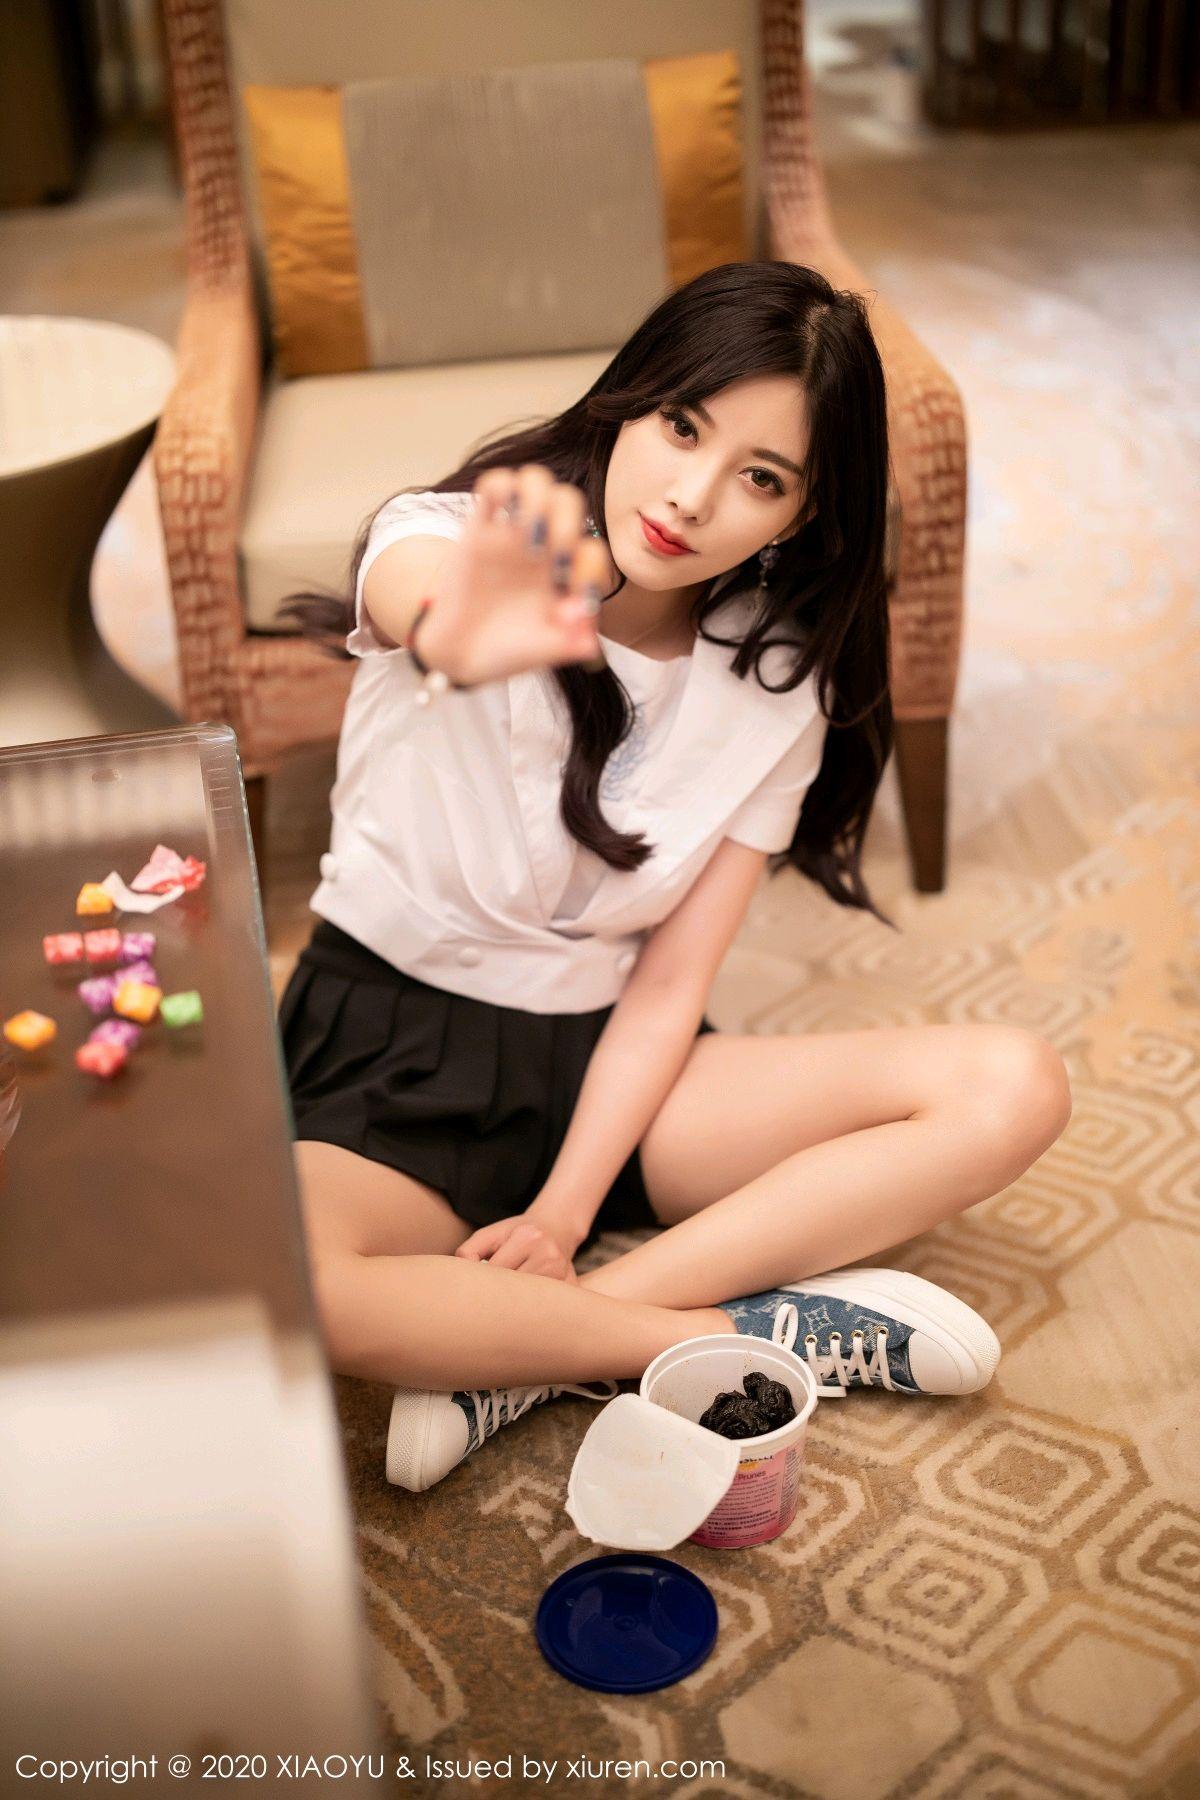 [XIAOYU] Vol.305 Yang Chen Chen 17P, Sexy, Underwear, Uniform, XiaoYu, Yang Chen Chen